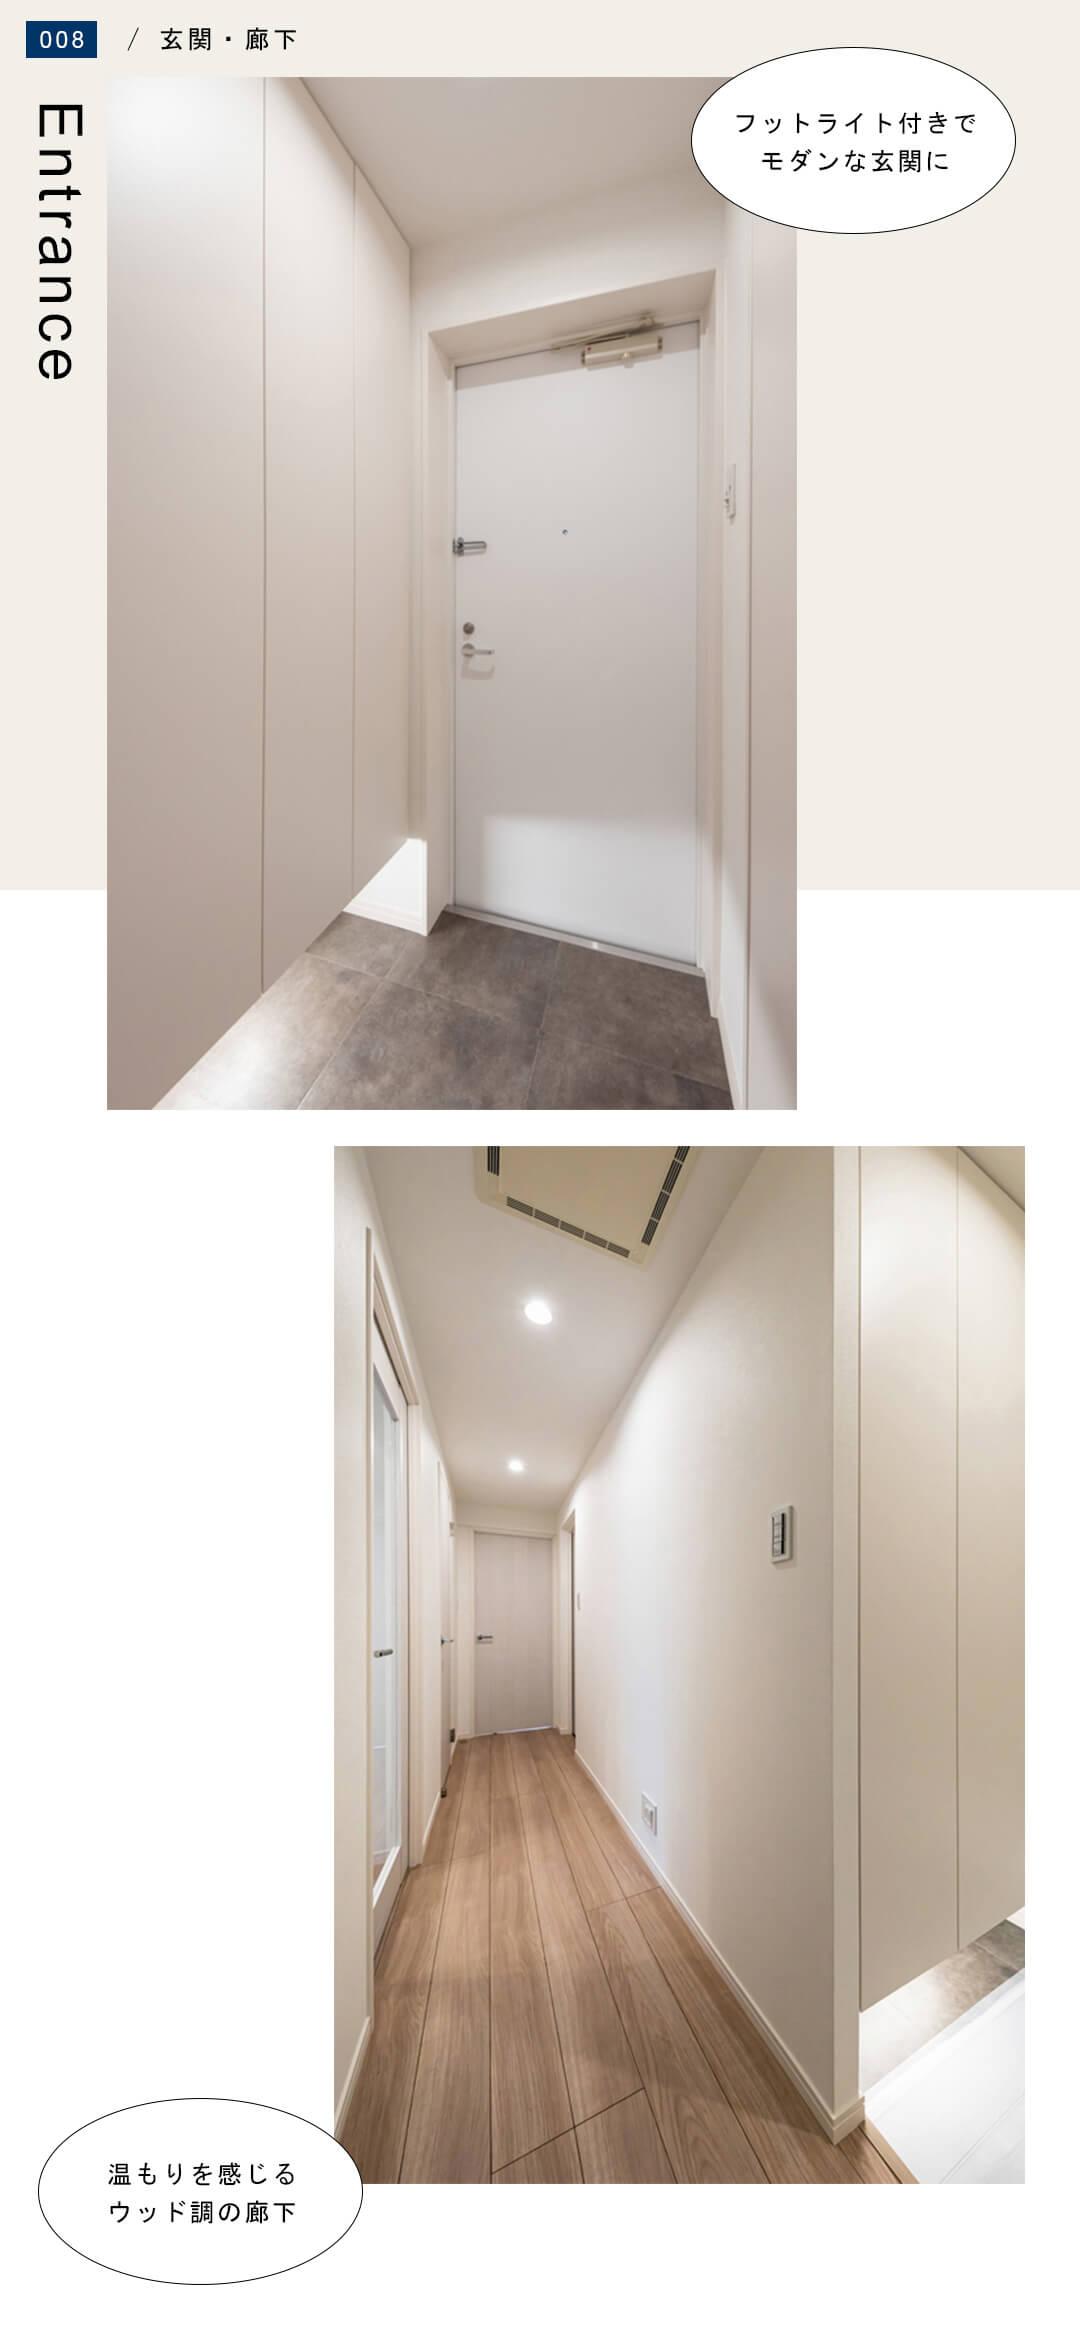 東十条ダイヤモンドマンションの玄関・廊下